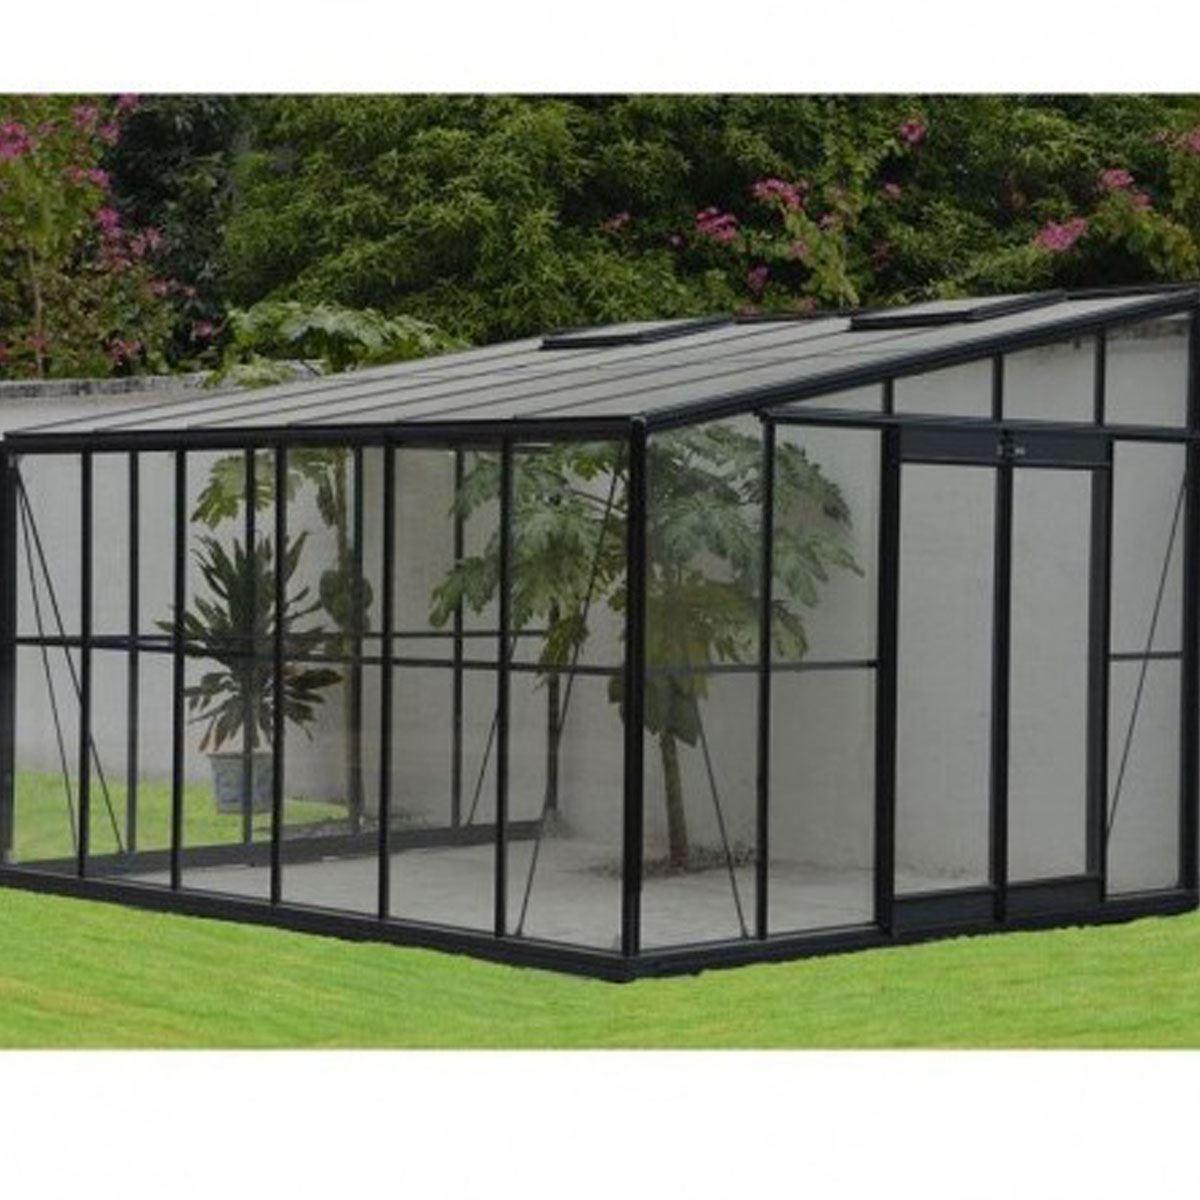 Serre de jardin grise jardin dhiver 12m adossable avec base